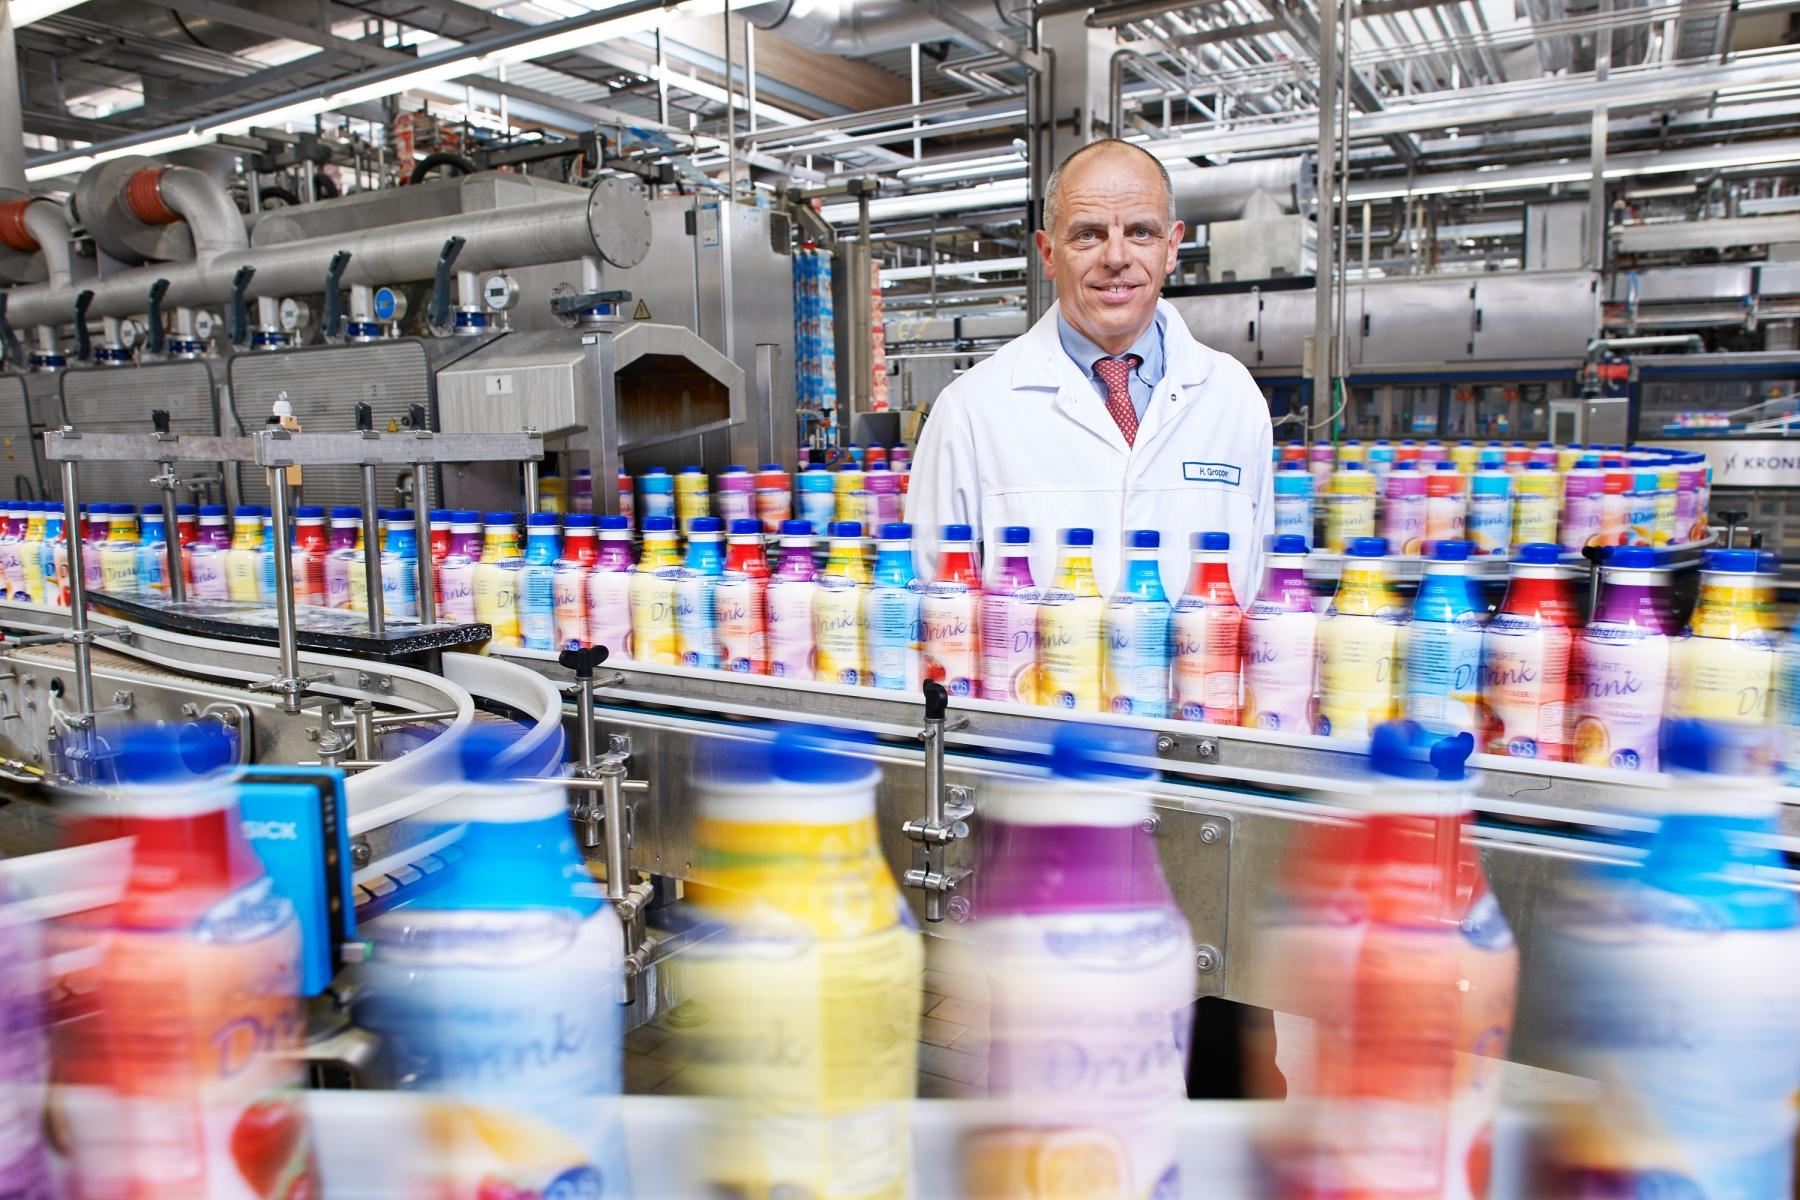 Interview der Wirtschaftswoche - Molkerei-Inhaber Herr Gropper in den Produktionshallen seiner Molkerei in Bissingen